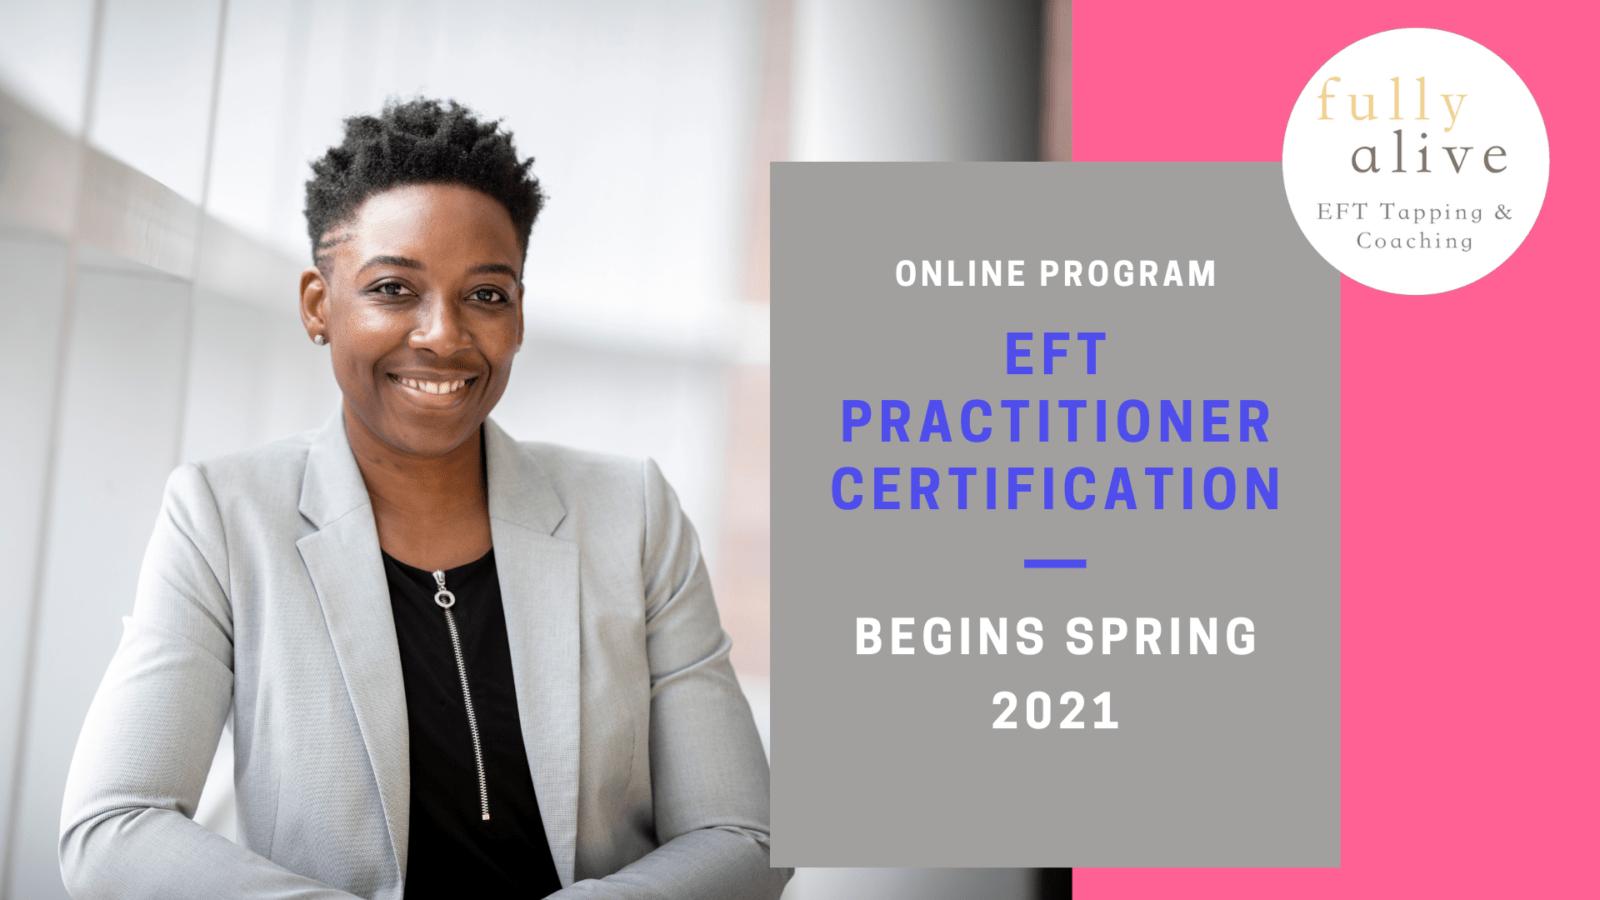 2021 EFT Practitioner Certification Program Poster - Begins Spring 2021